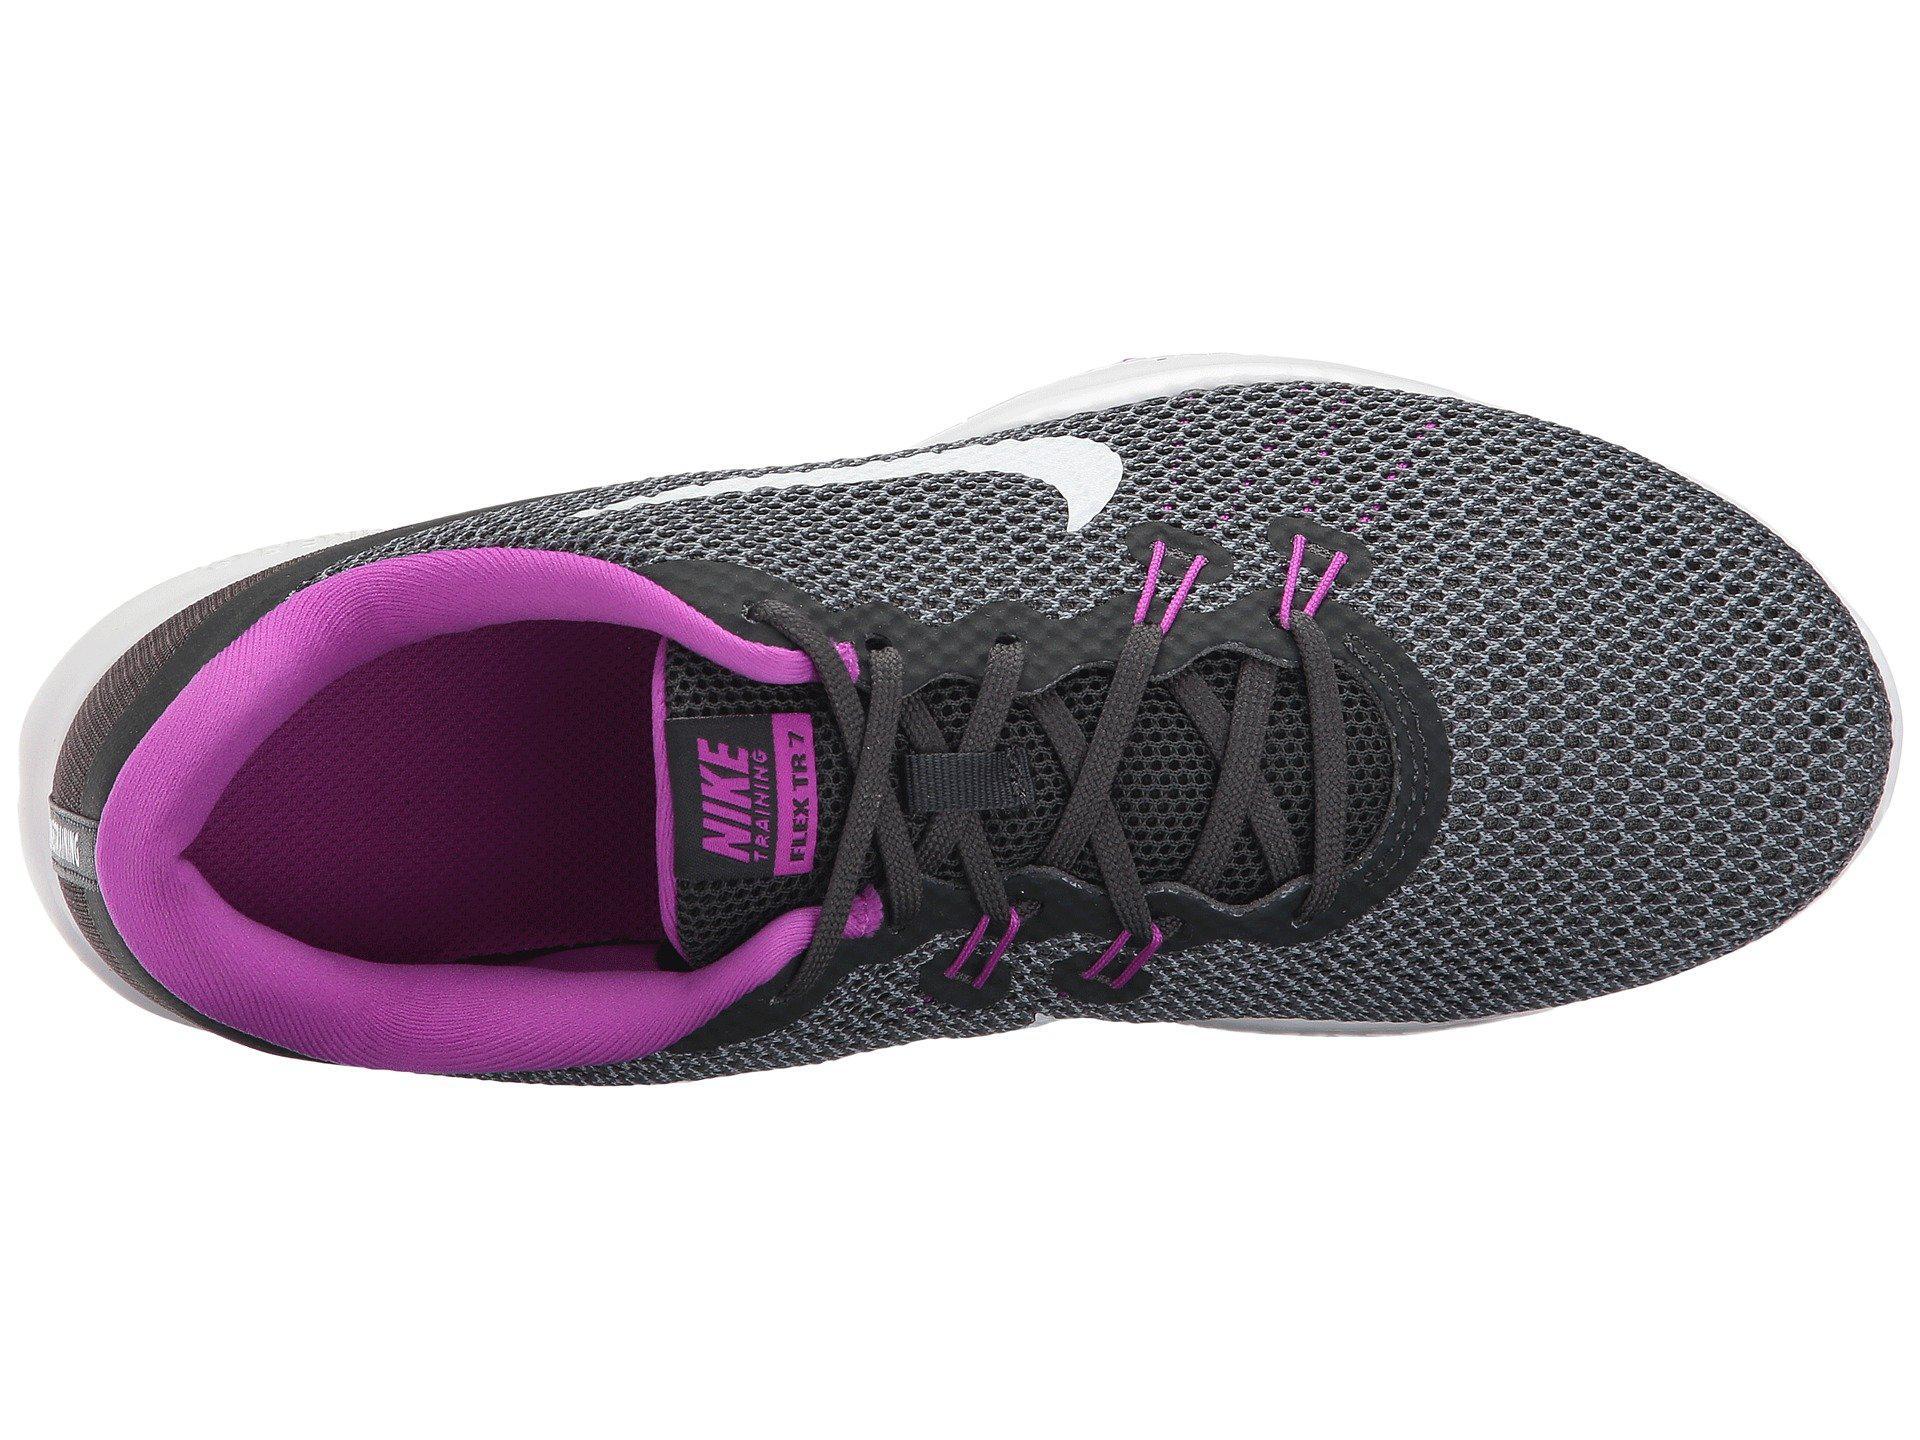 0f18ec450f93e Lyst - Nike Flex Tr 7 in Gray - Save 32.69230769230769%